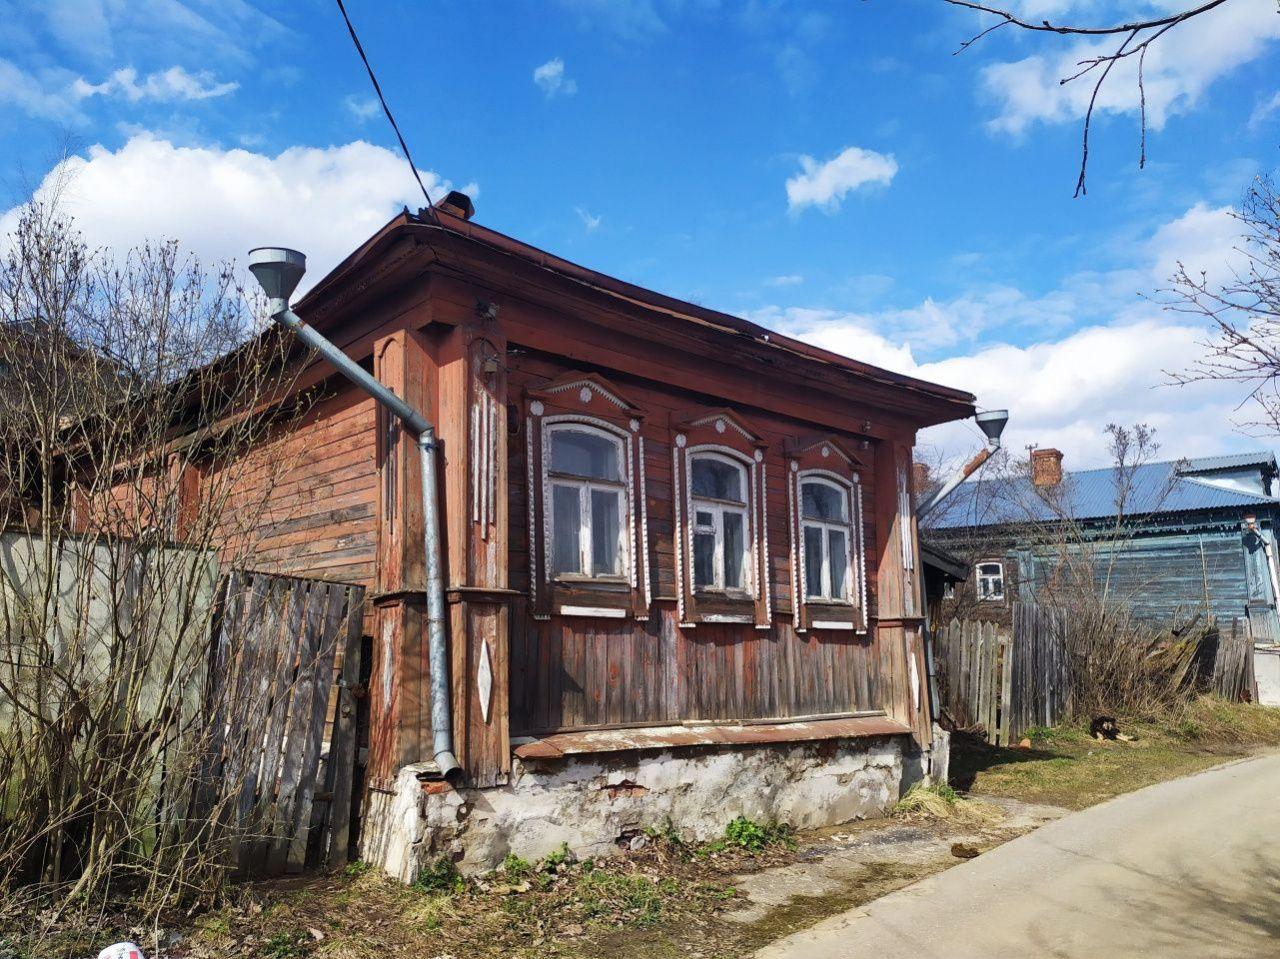 г. Владимир, Левино Поле ул., 21, дом деревянный с участком 12.00 сотка на продажу